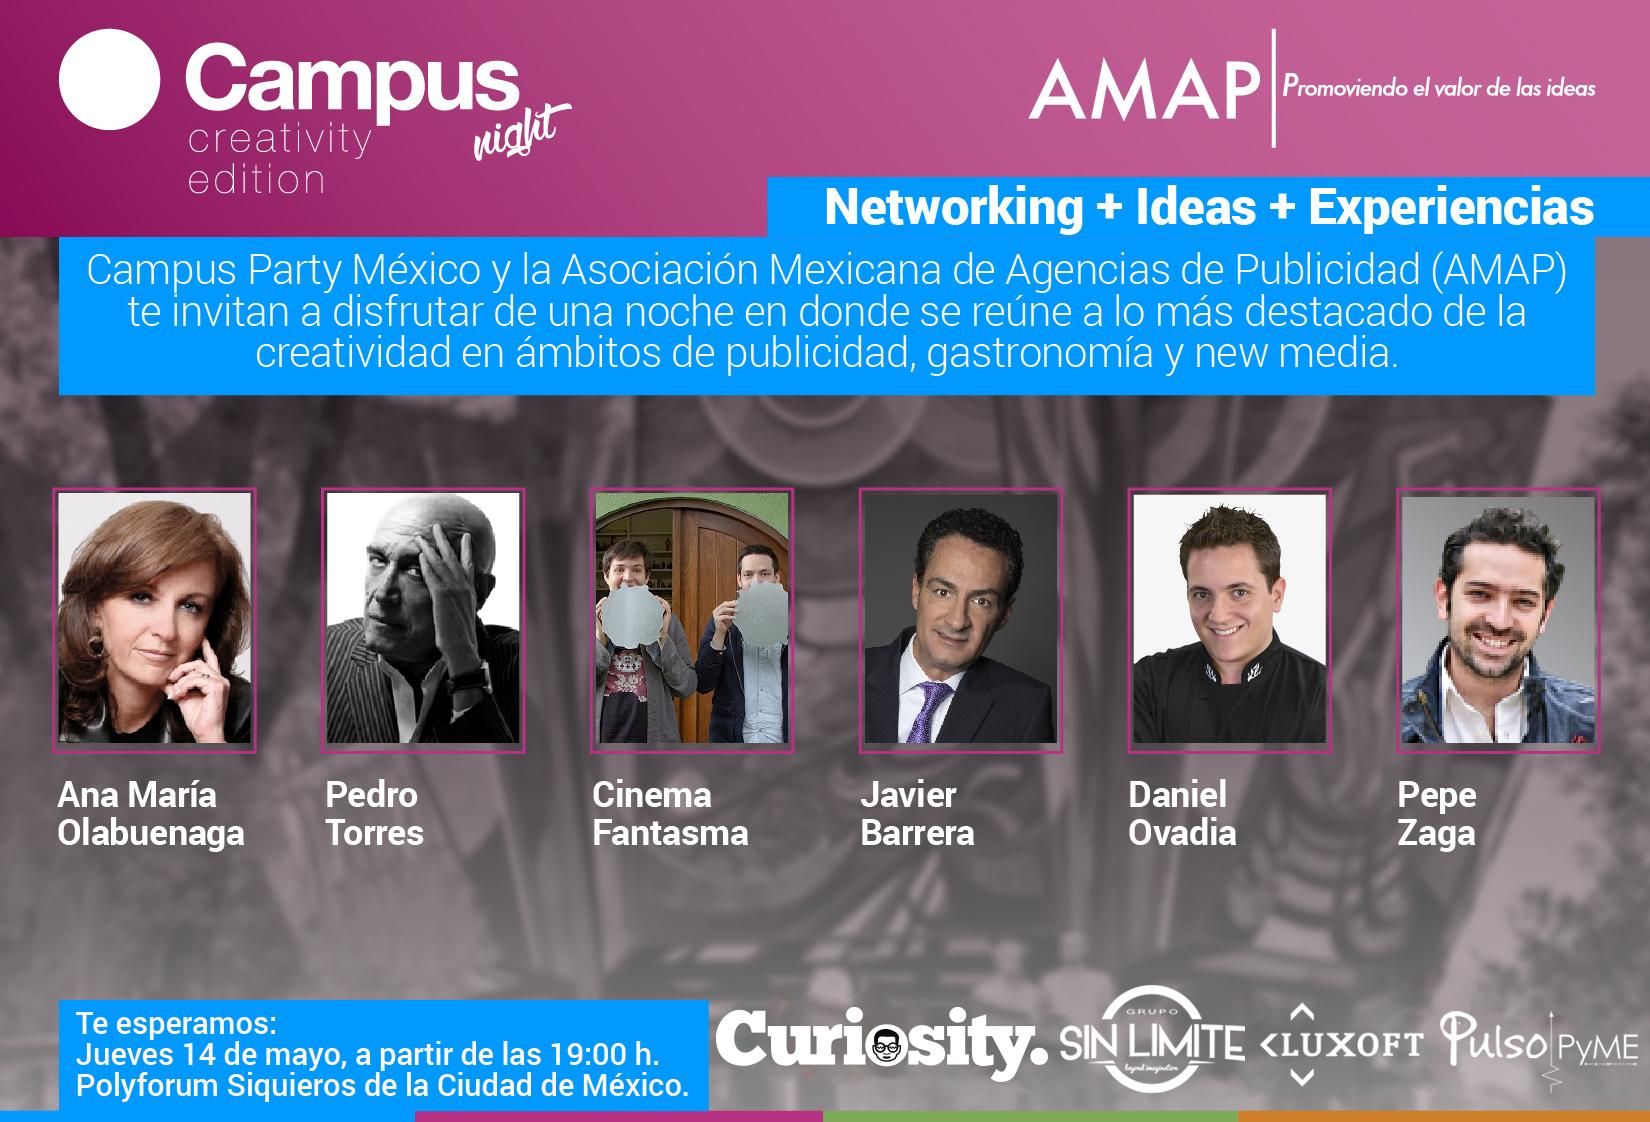 Campus Party y AMAP potencian el talento creativo mexicano.